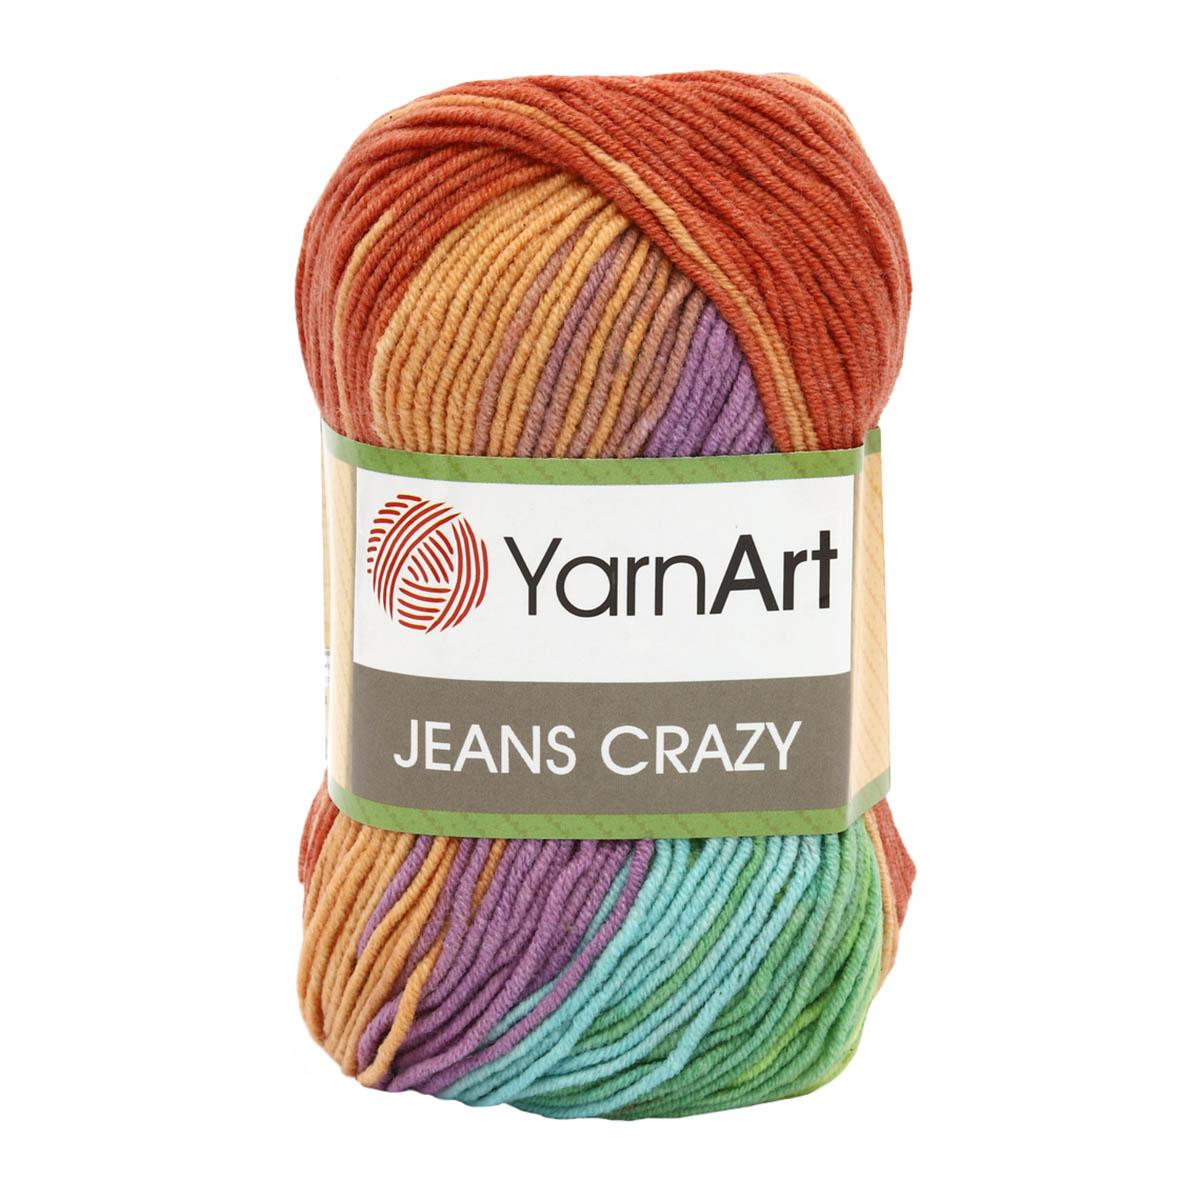 Пряжа YarnArt 'Jeans Crazy' 50г 160м (55% хлопок, 45% полиакрил)